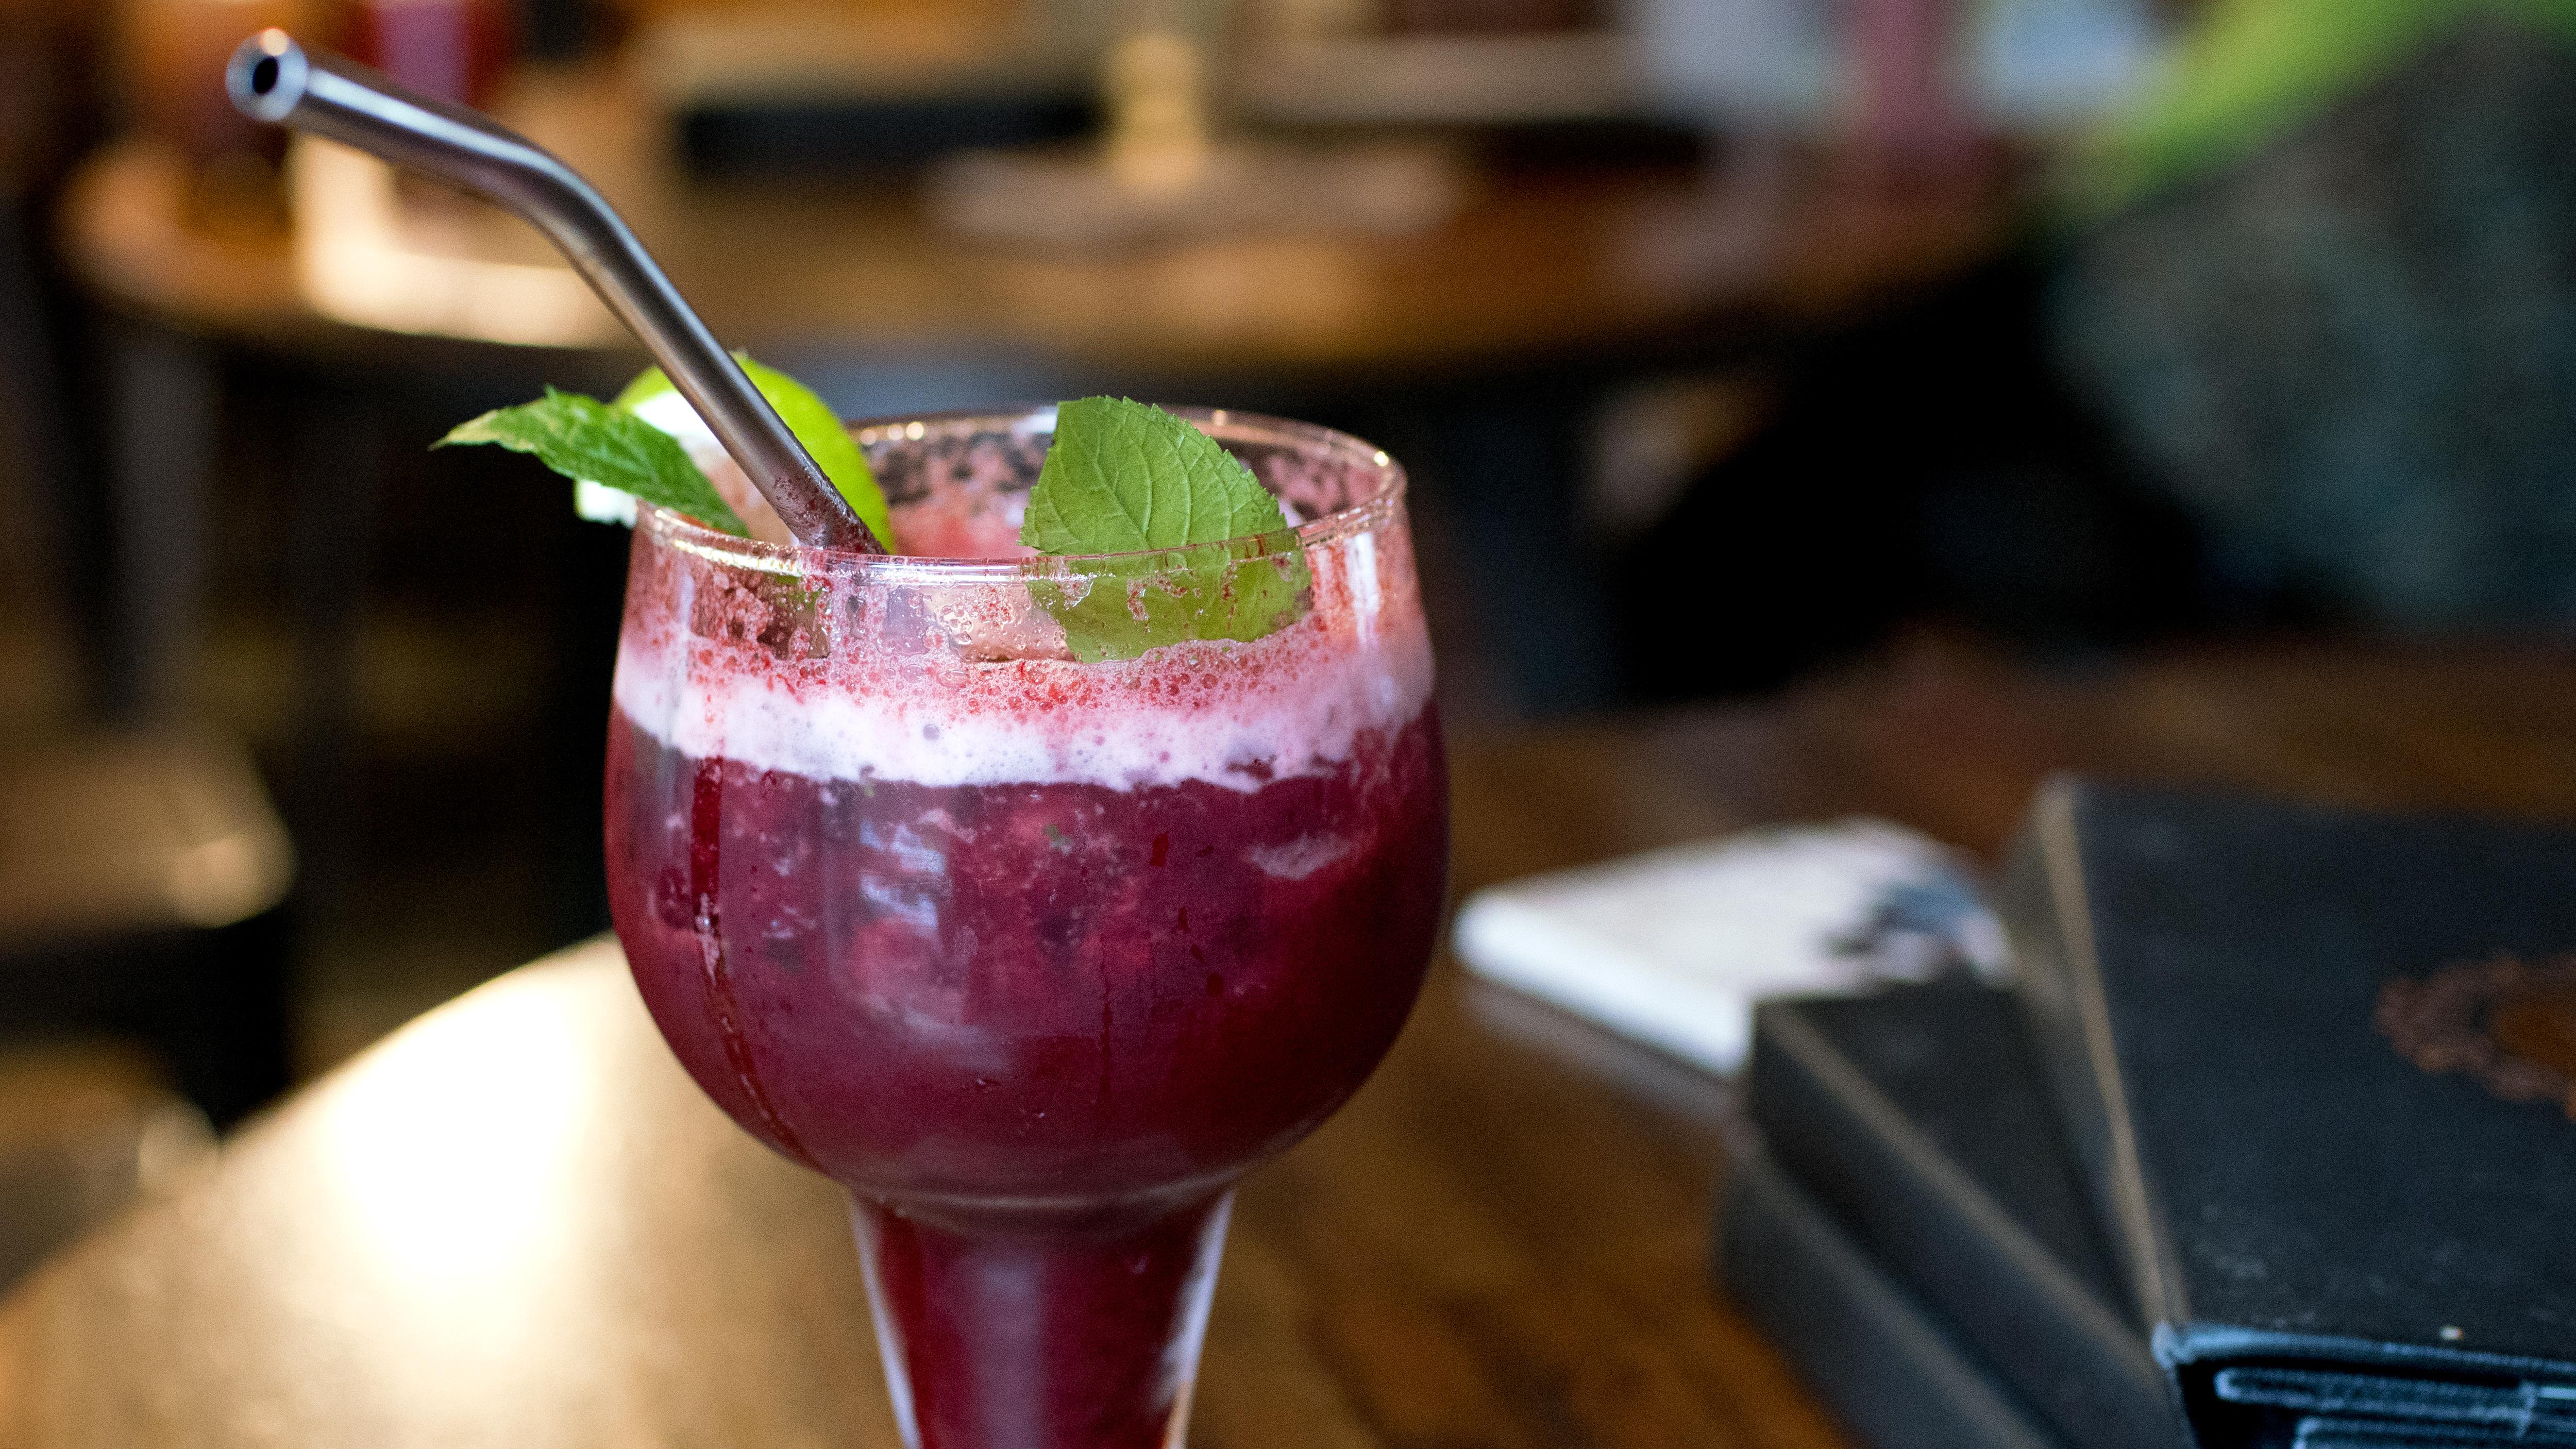 Vena's Fizz House: This bar got famous without alcohol   CNN